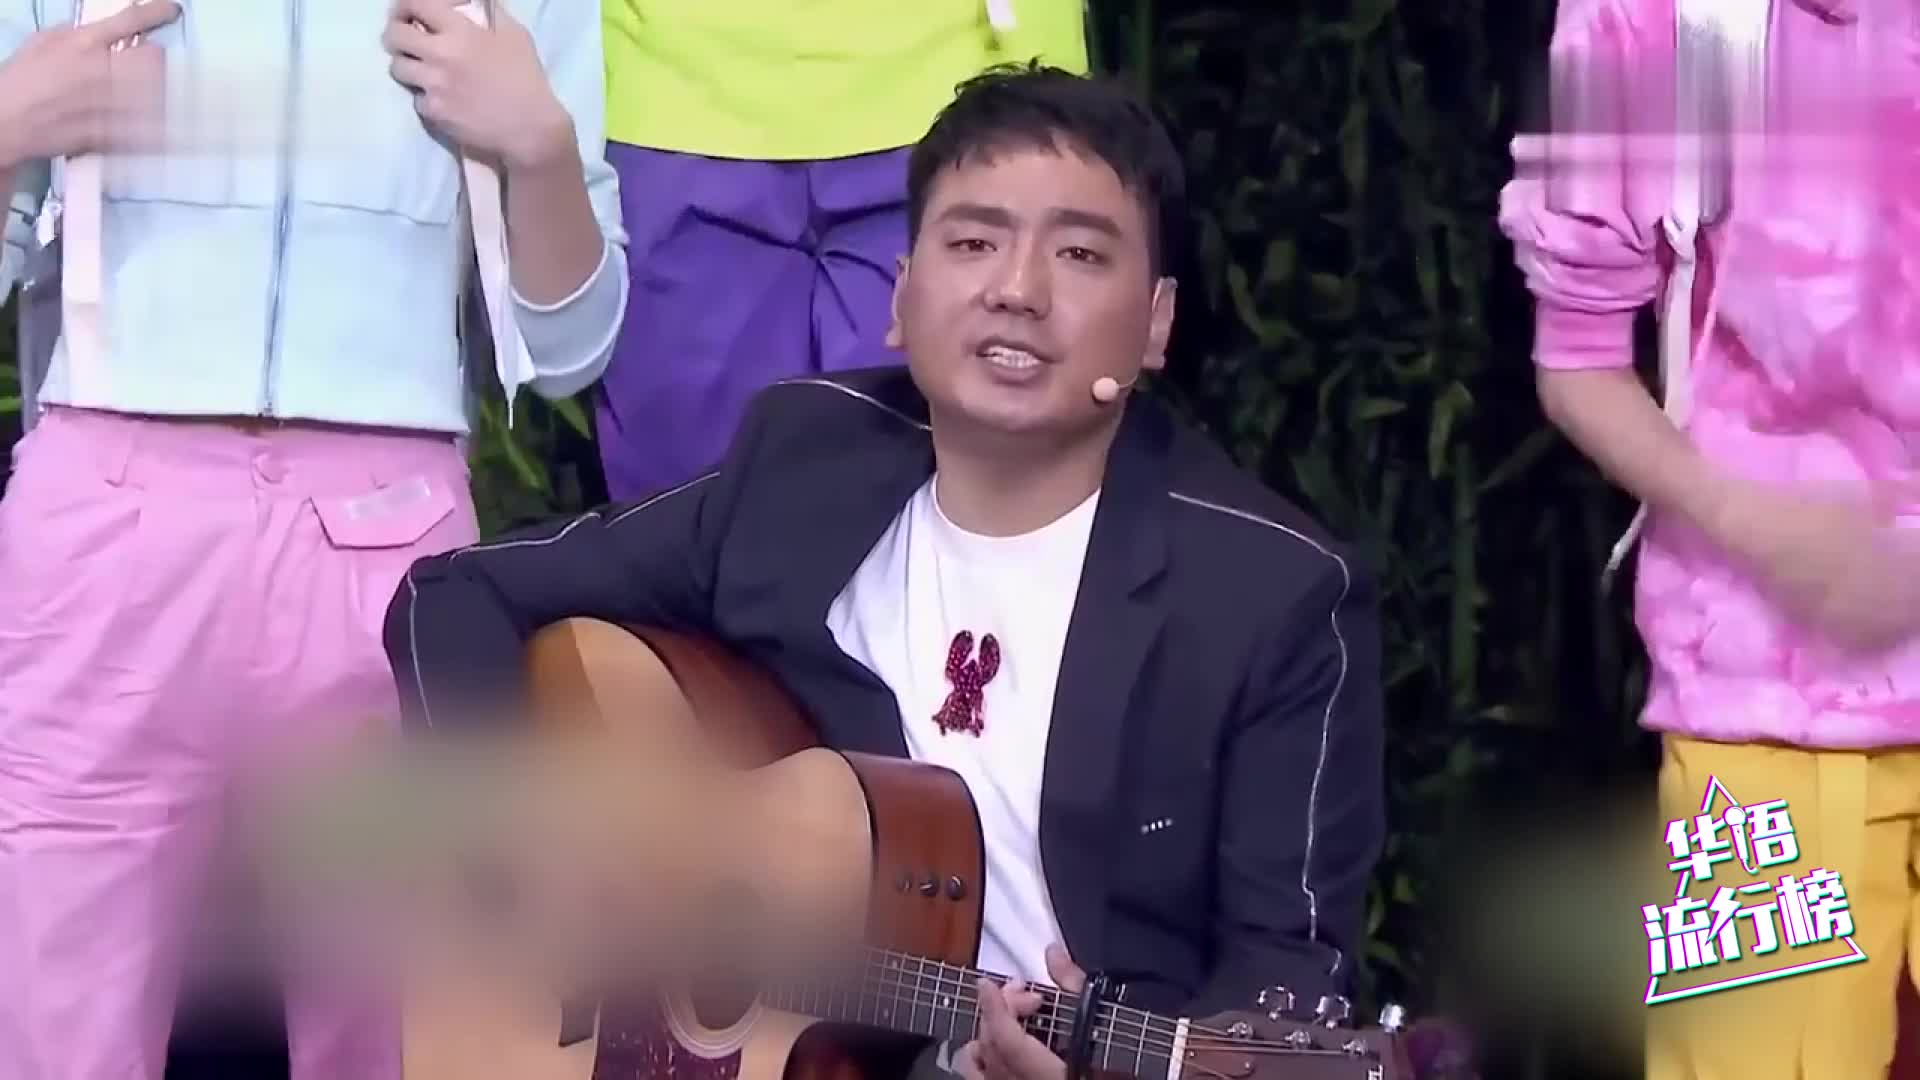 英雄爱英雄!海来阿木与跳水世界冠军周吕鑫登台央视共唱经典!